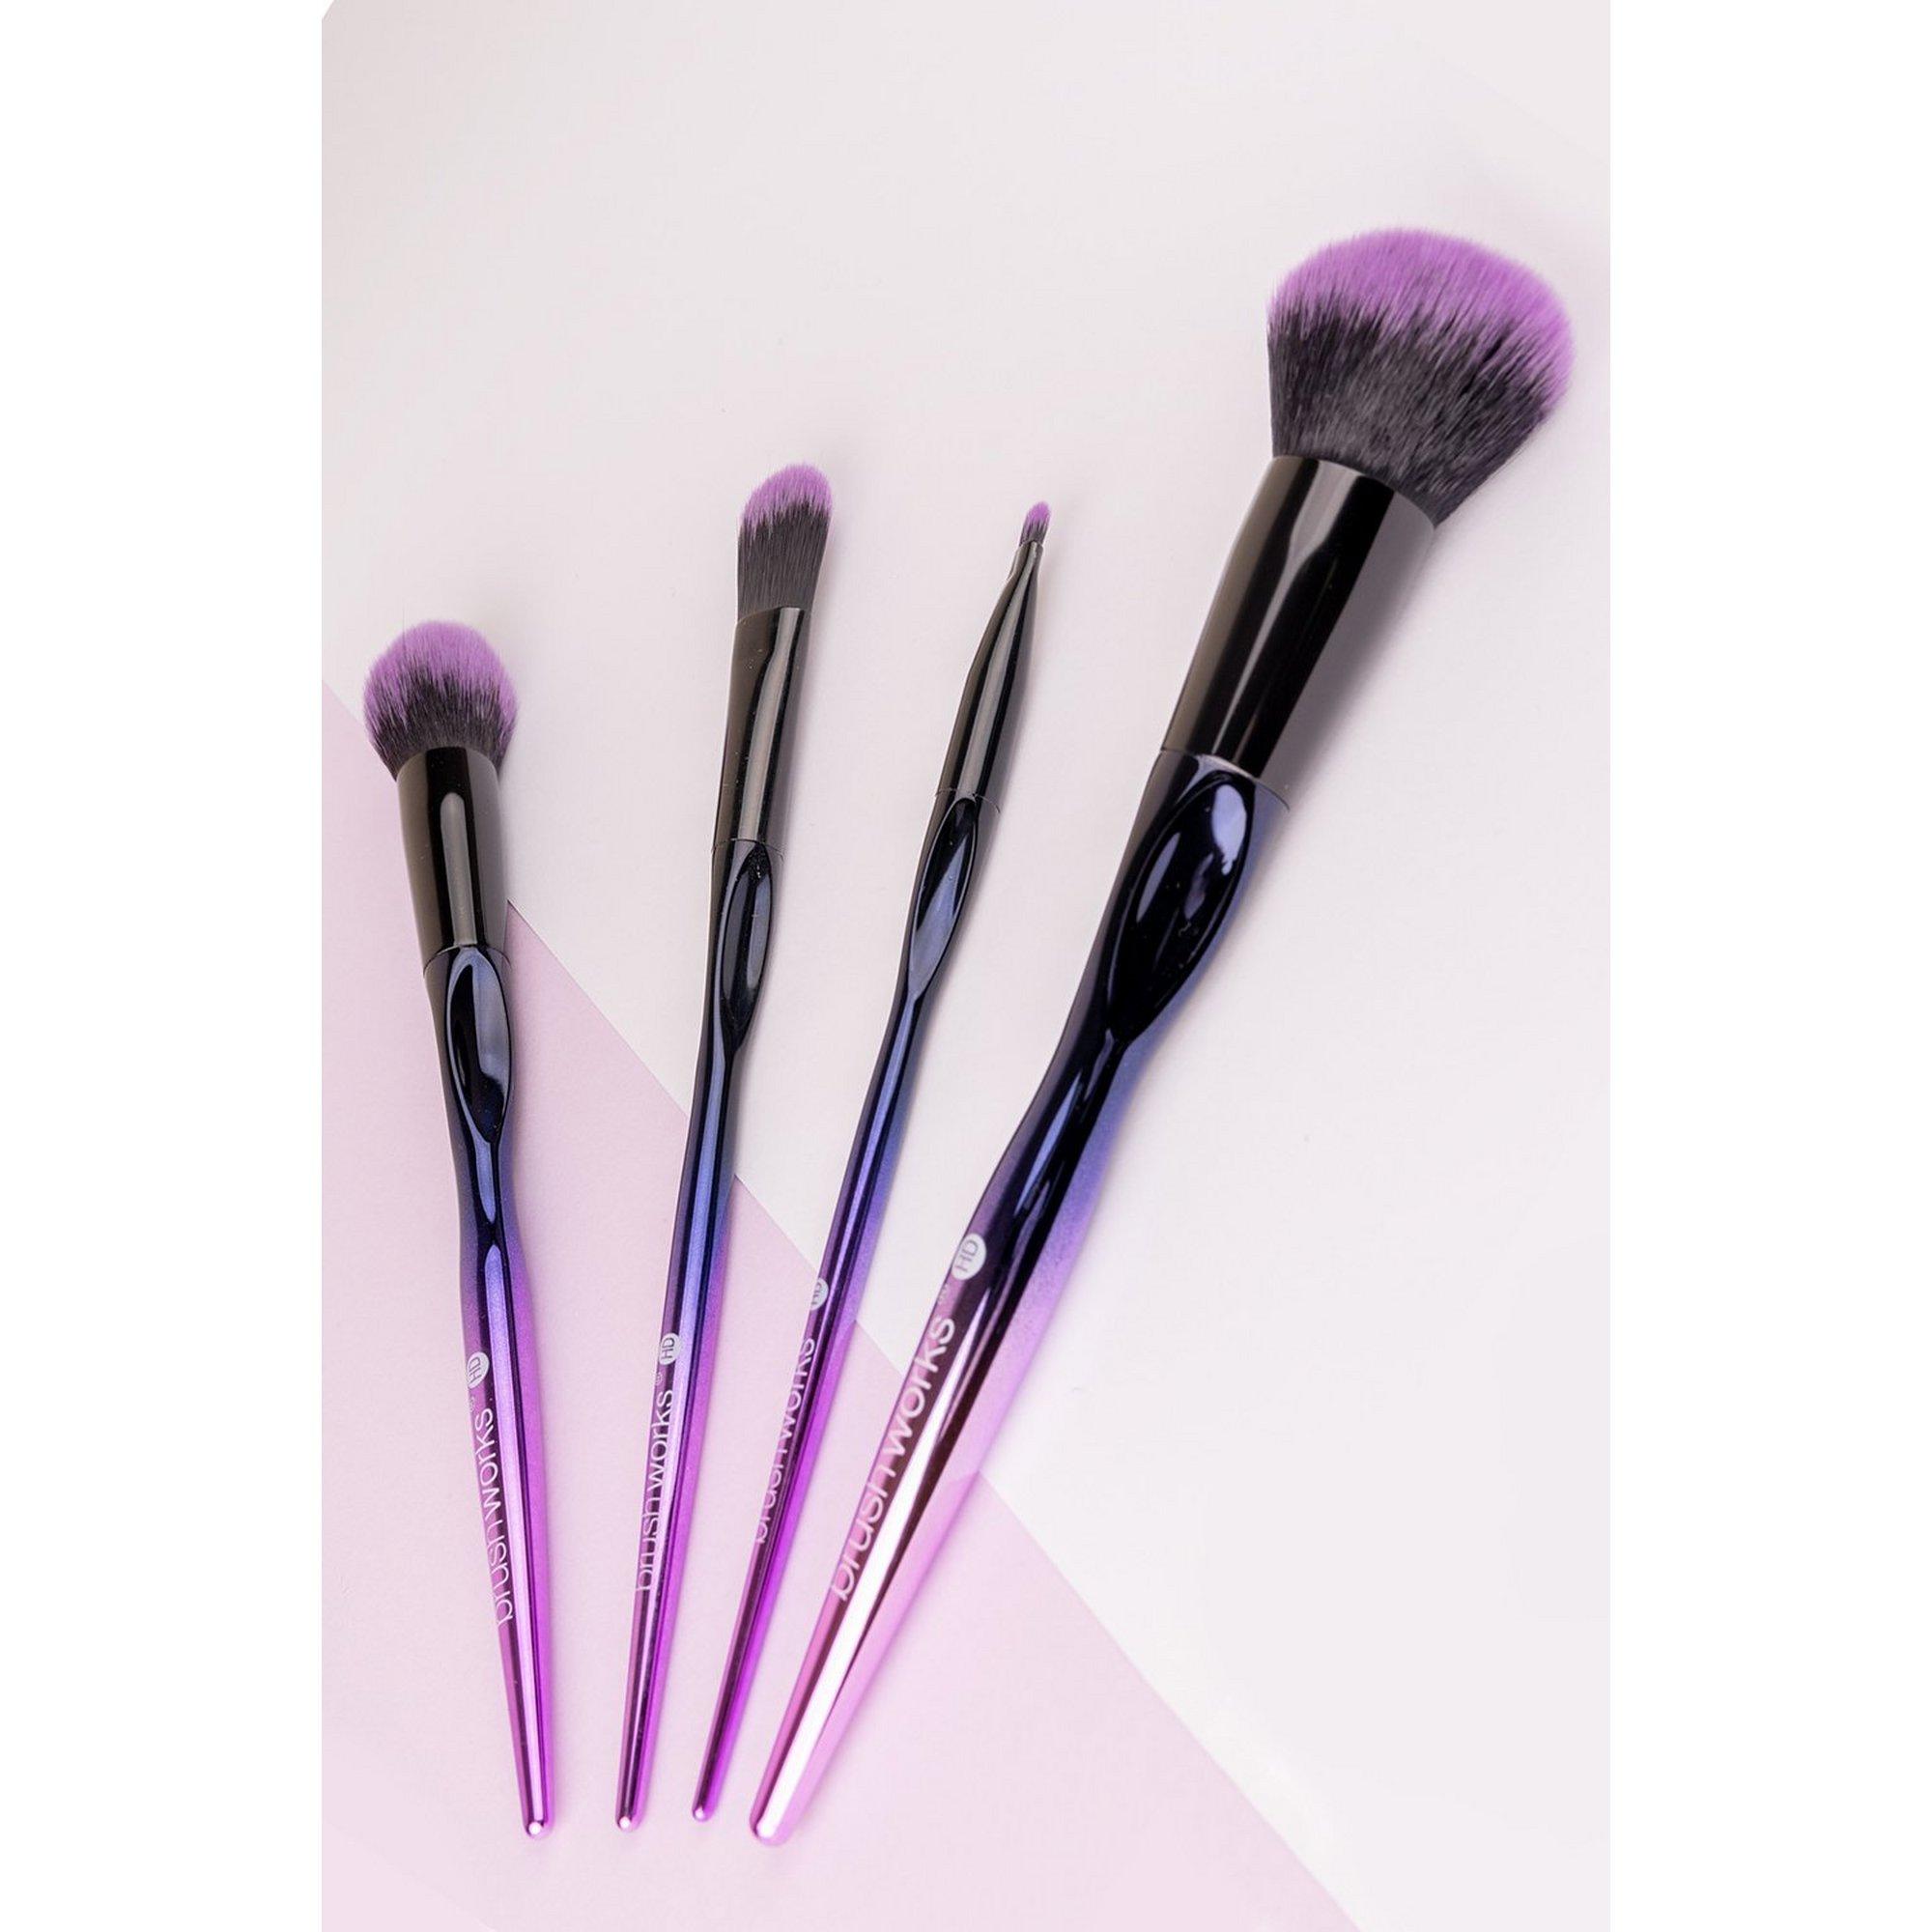 Image of Brushworks HD Complete Face Make Up Brush Set